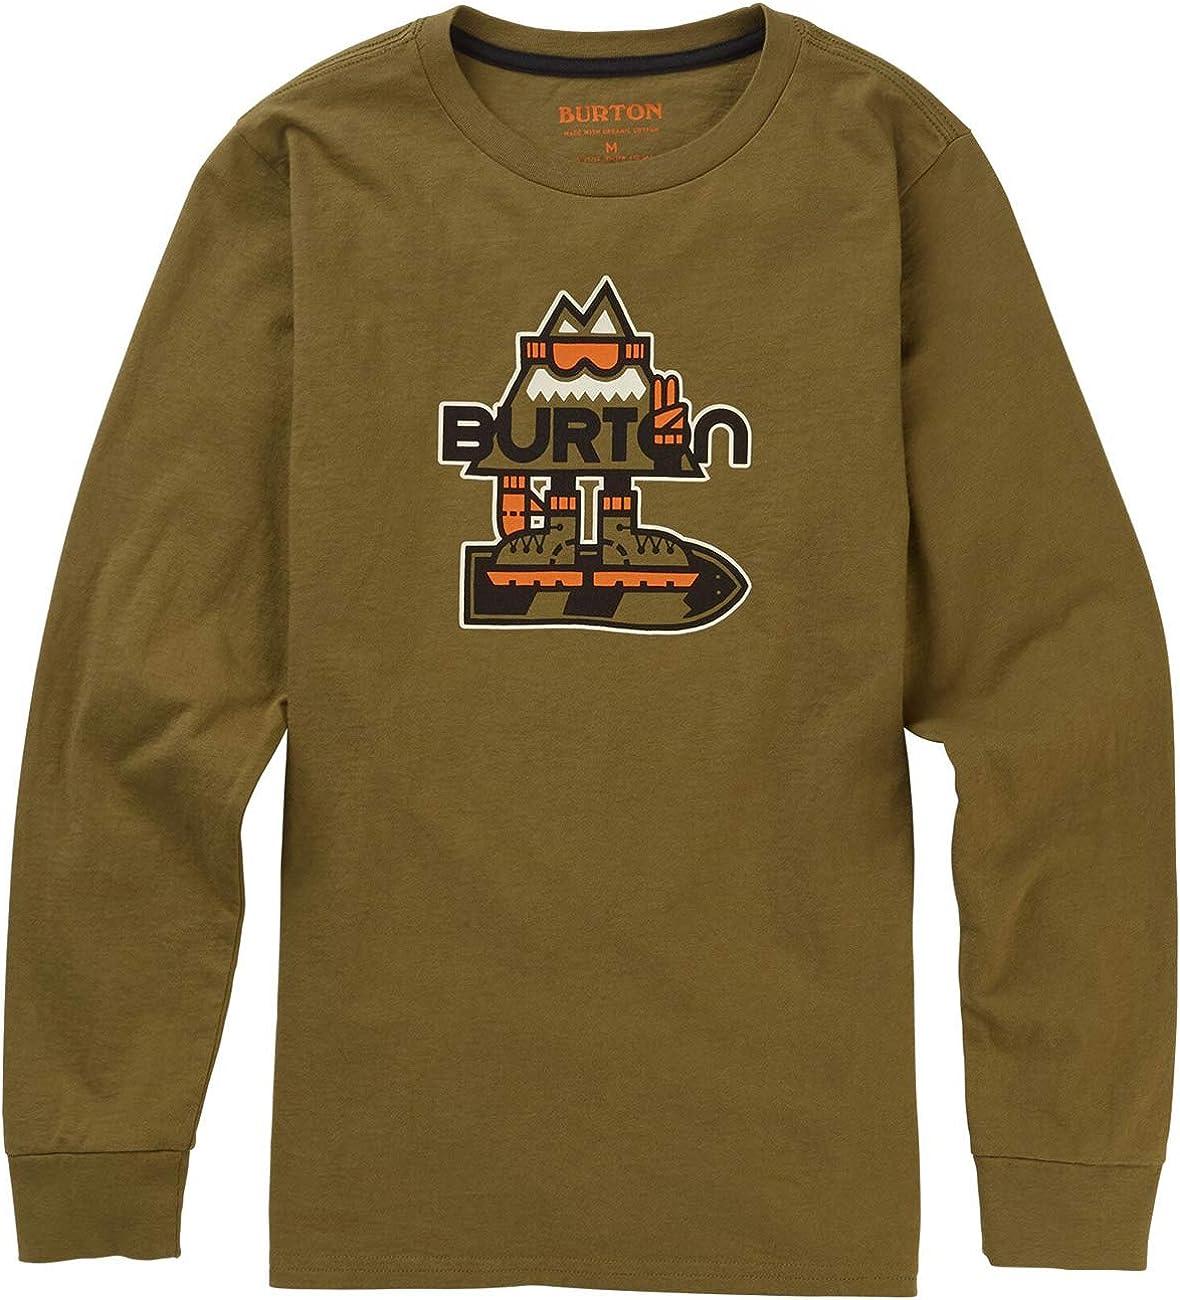 Burton KD Hobbes LS - Camiseta para niño Martini Olive S: Amazon.es: Ropa y accesorios